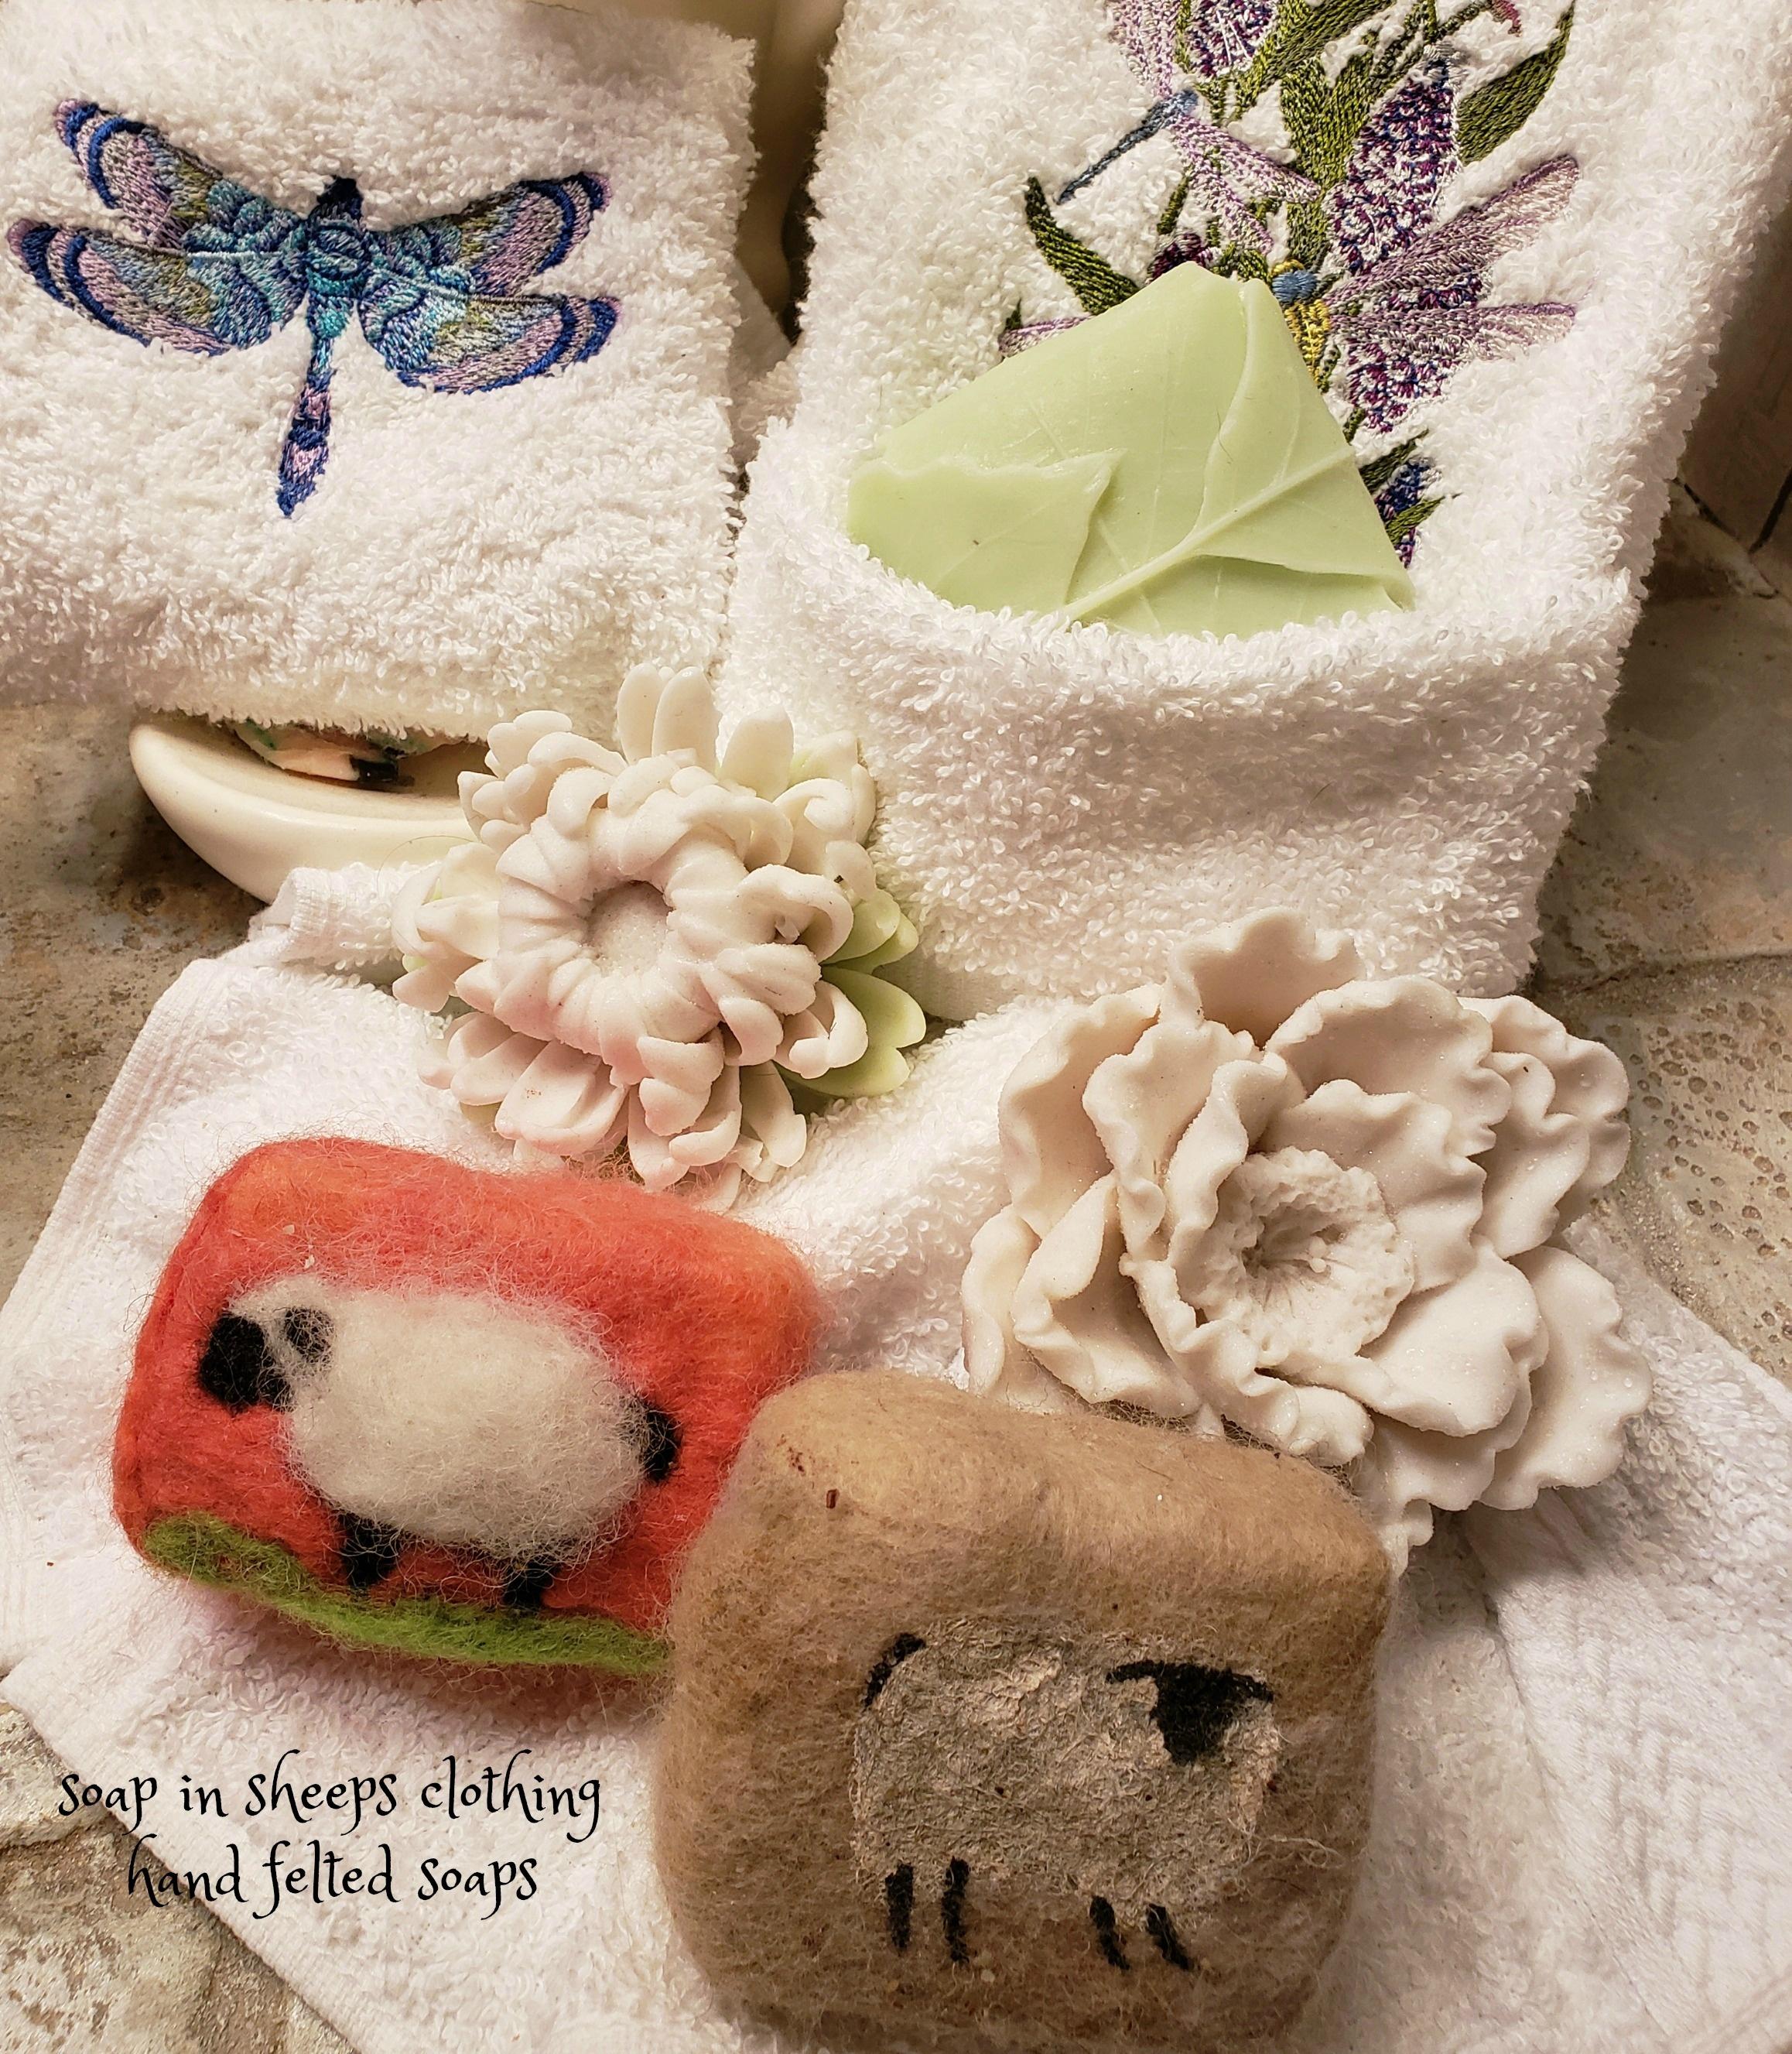 https://0901.nccdn.net/4_2/000/000/00d/f43/soap-floral3-2316x2654.jpg